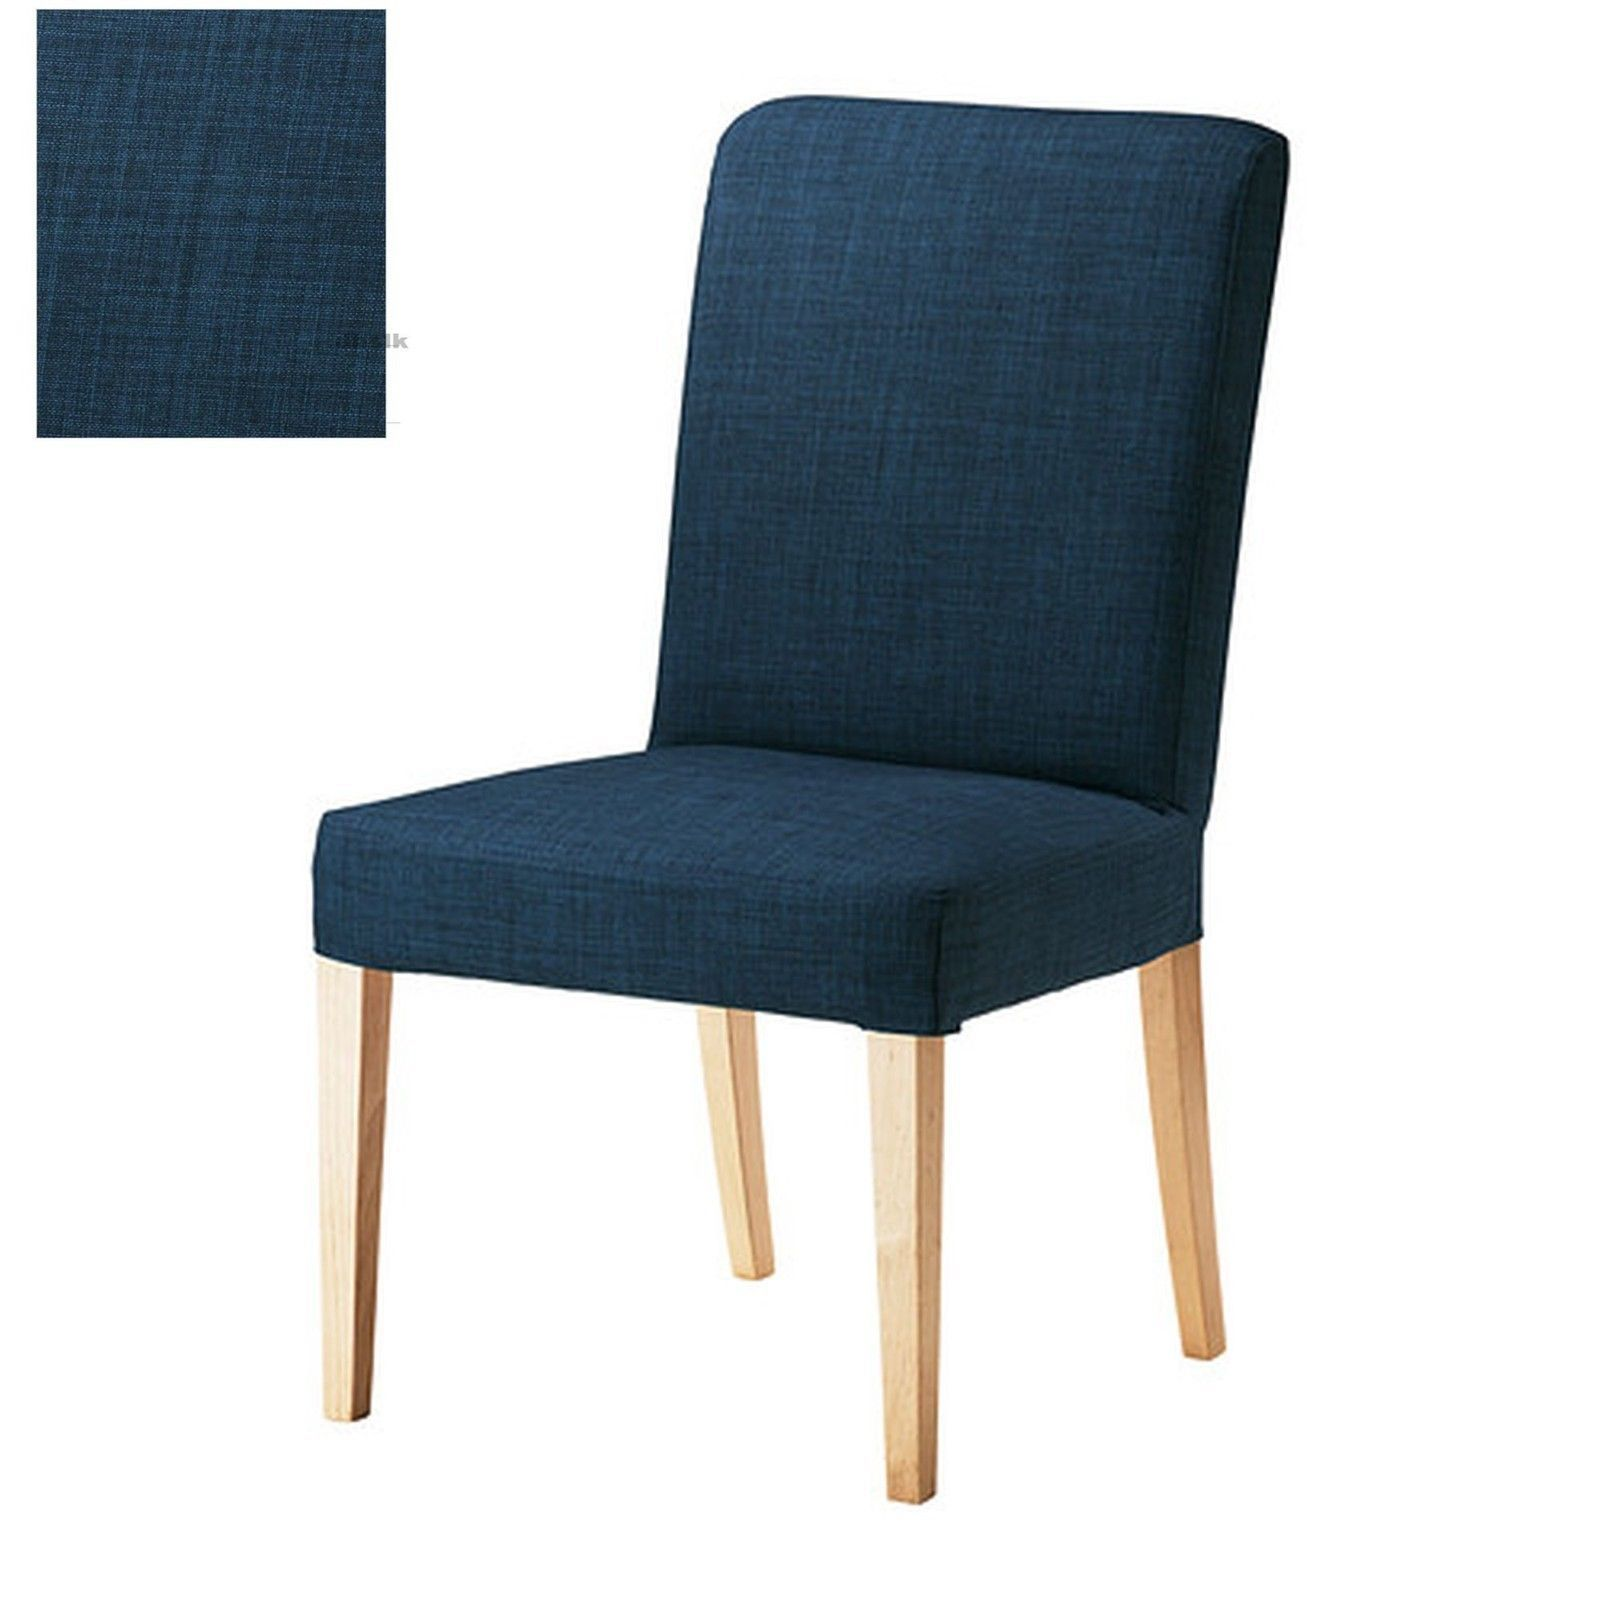 """IKEA Henriksdal Chair Slipcover Cover Sanne Dansbo Skiftebo Kungsvik 21"""" 54cm W   eBay"""